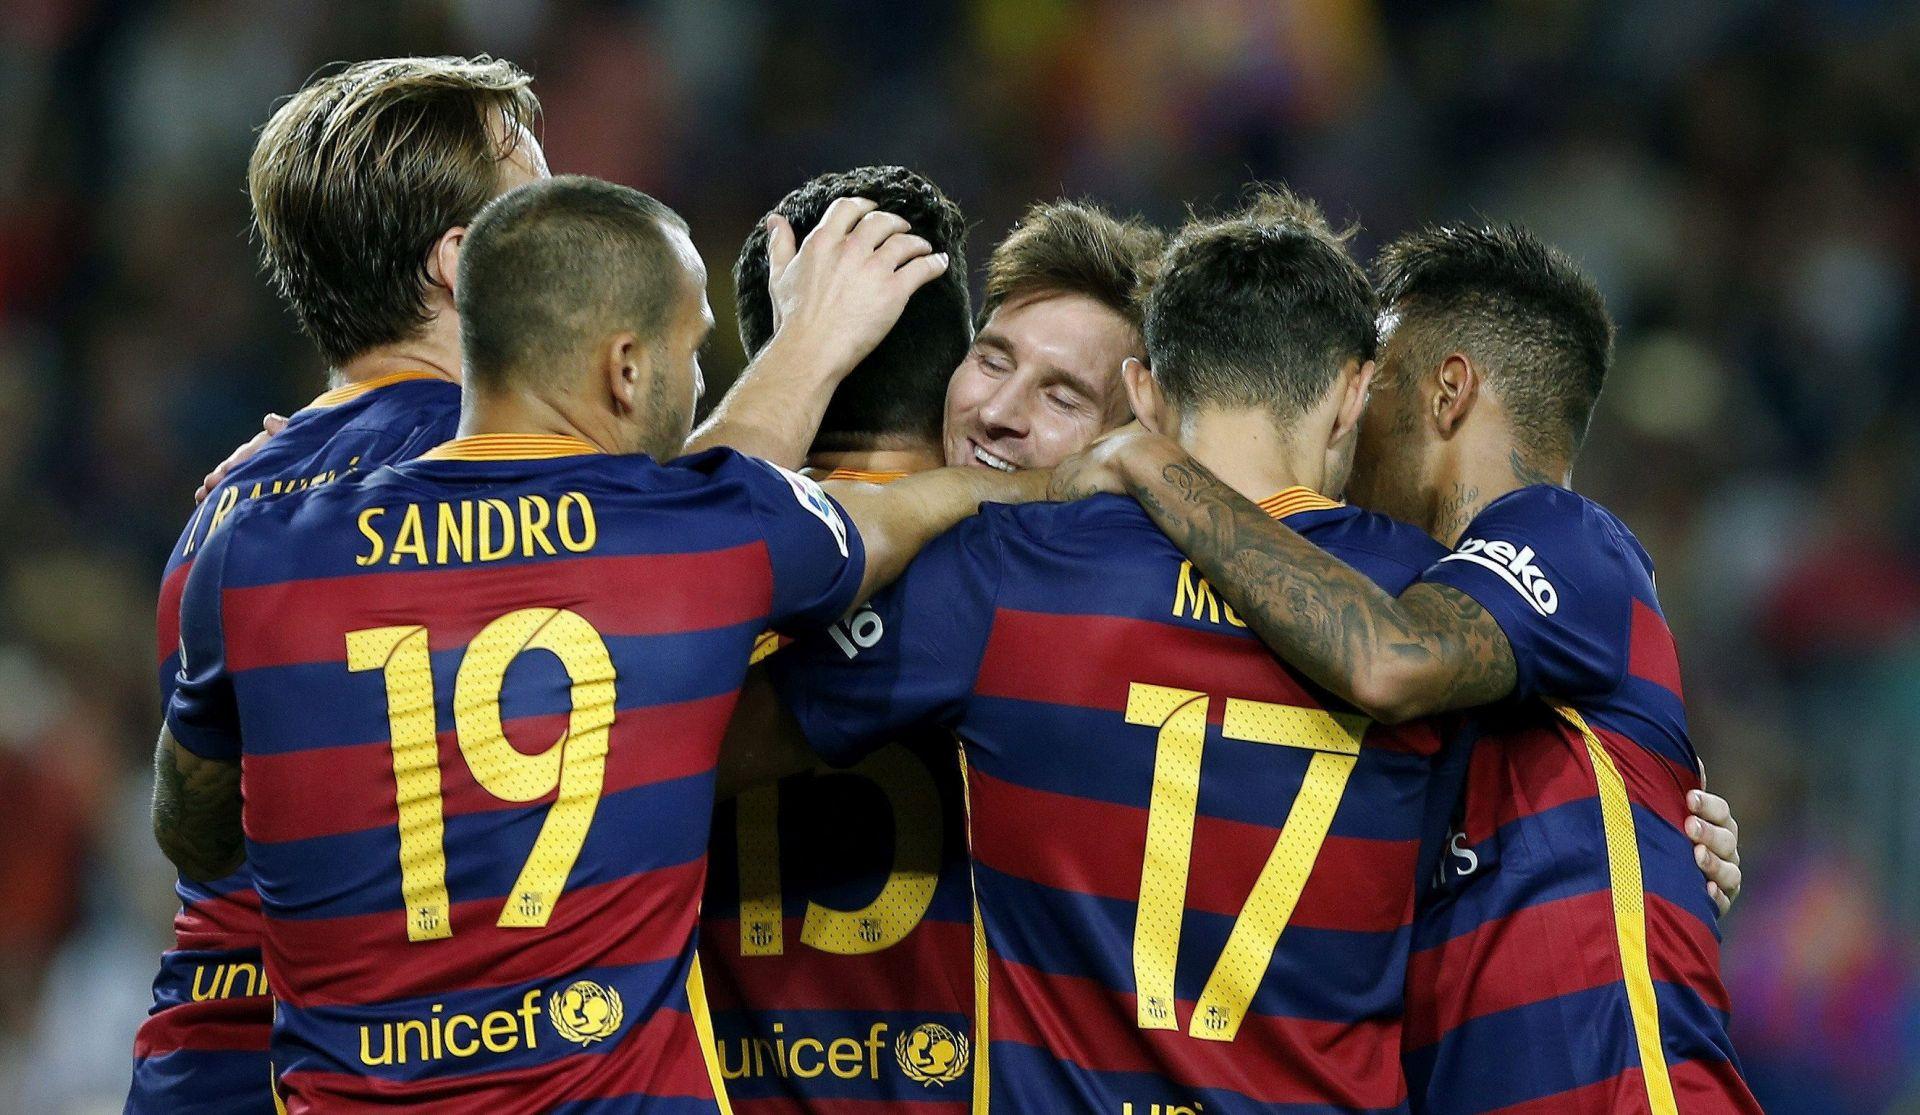 IZNENAĐUJUĆE Nitko iz Barcelone u idealnoj momčadi Lige prvaka